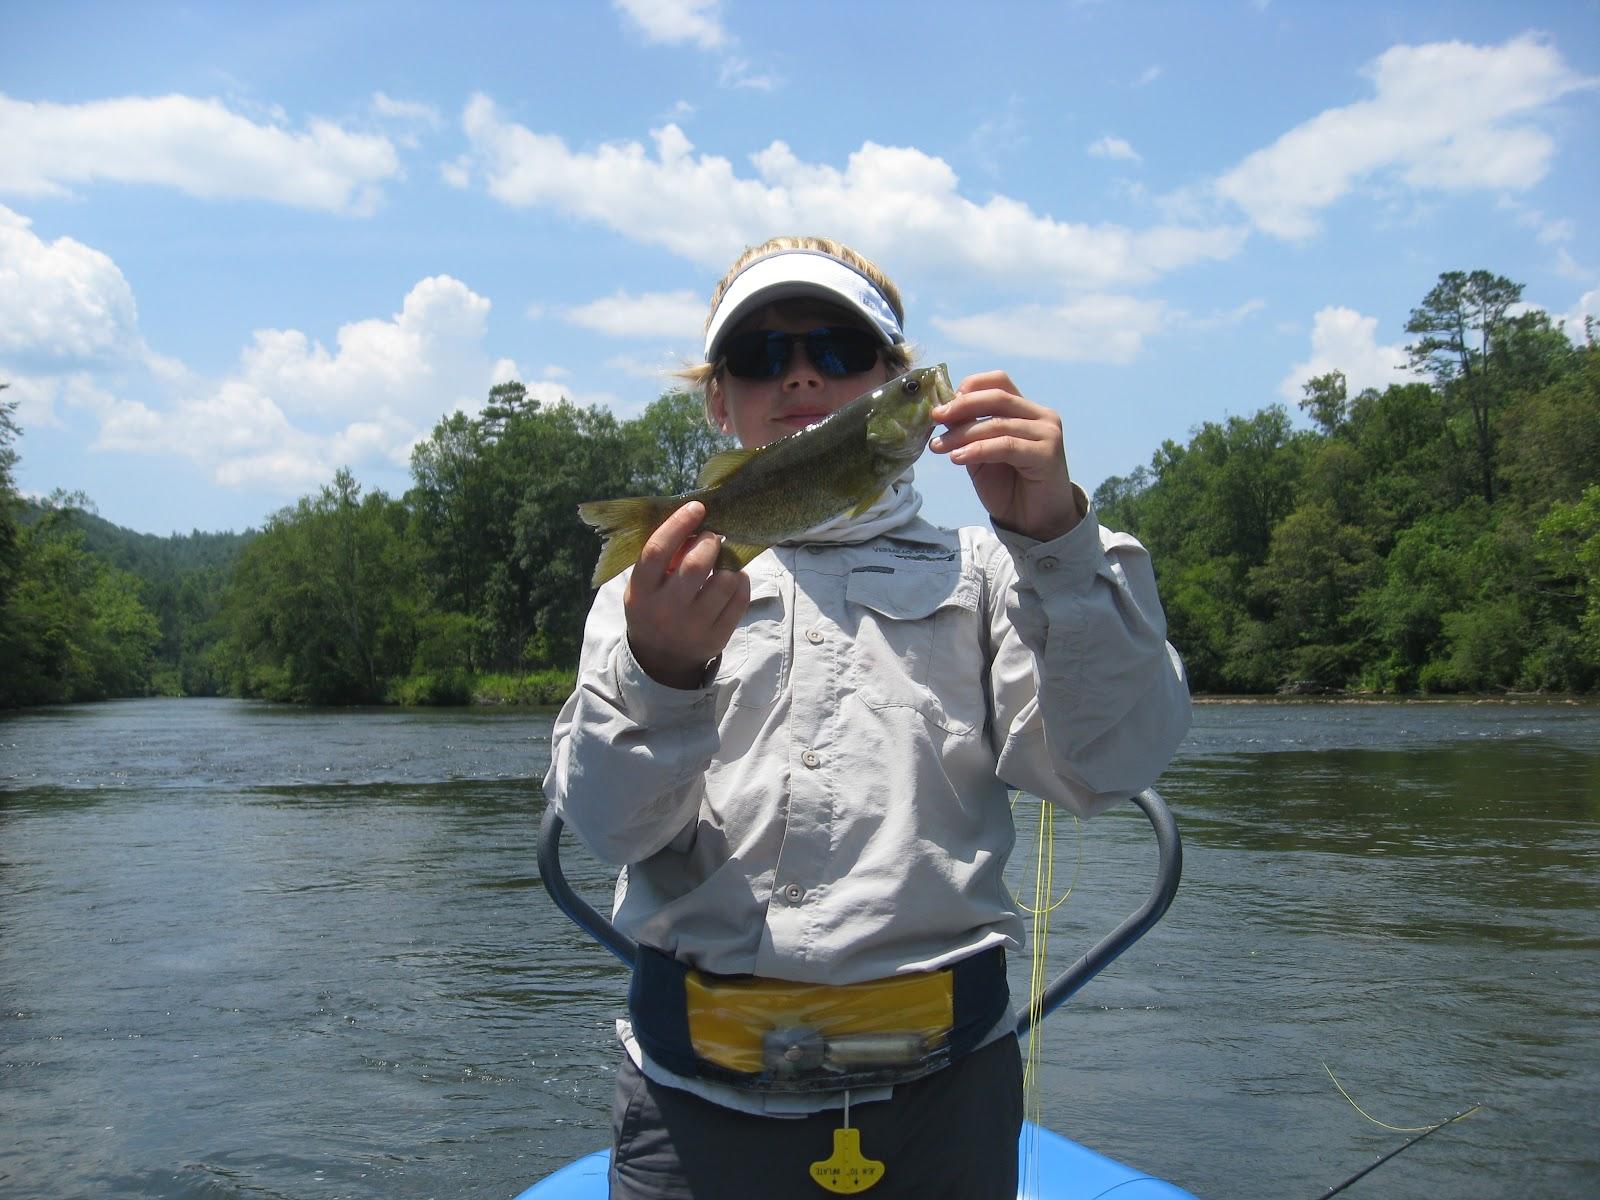 Hiwassee angler north carolina fishing for Freshwater fishing in north carolina